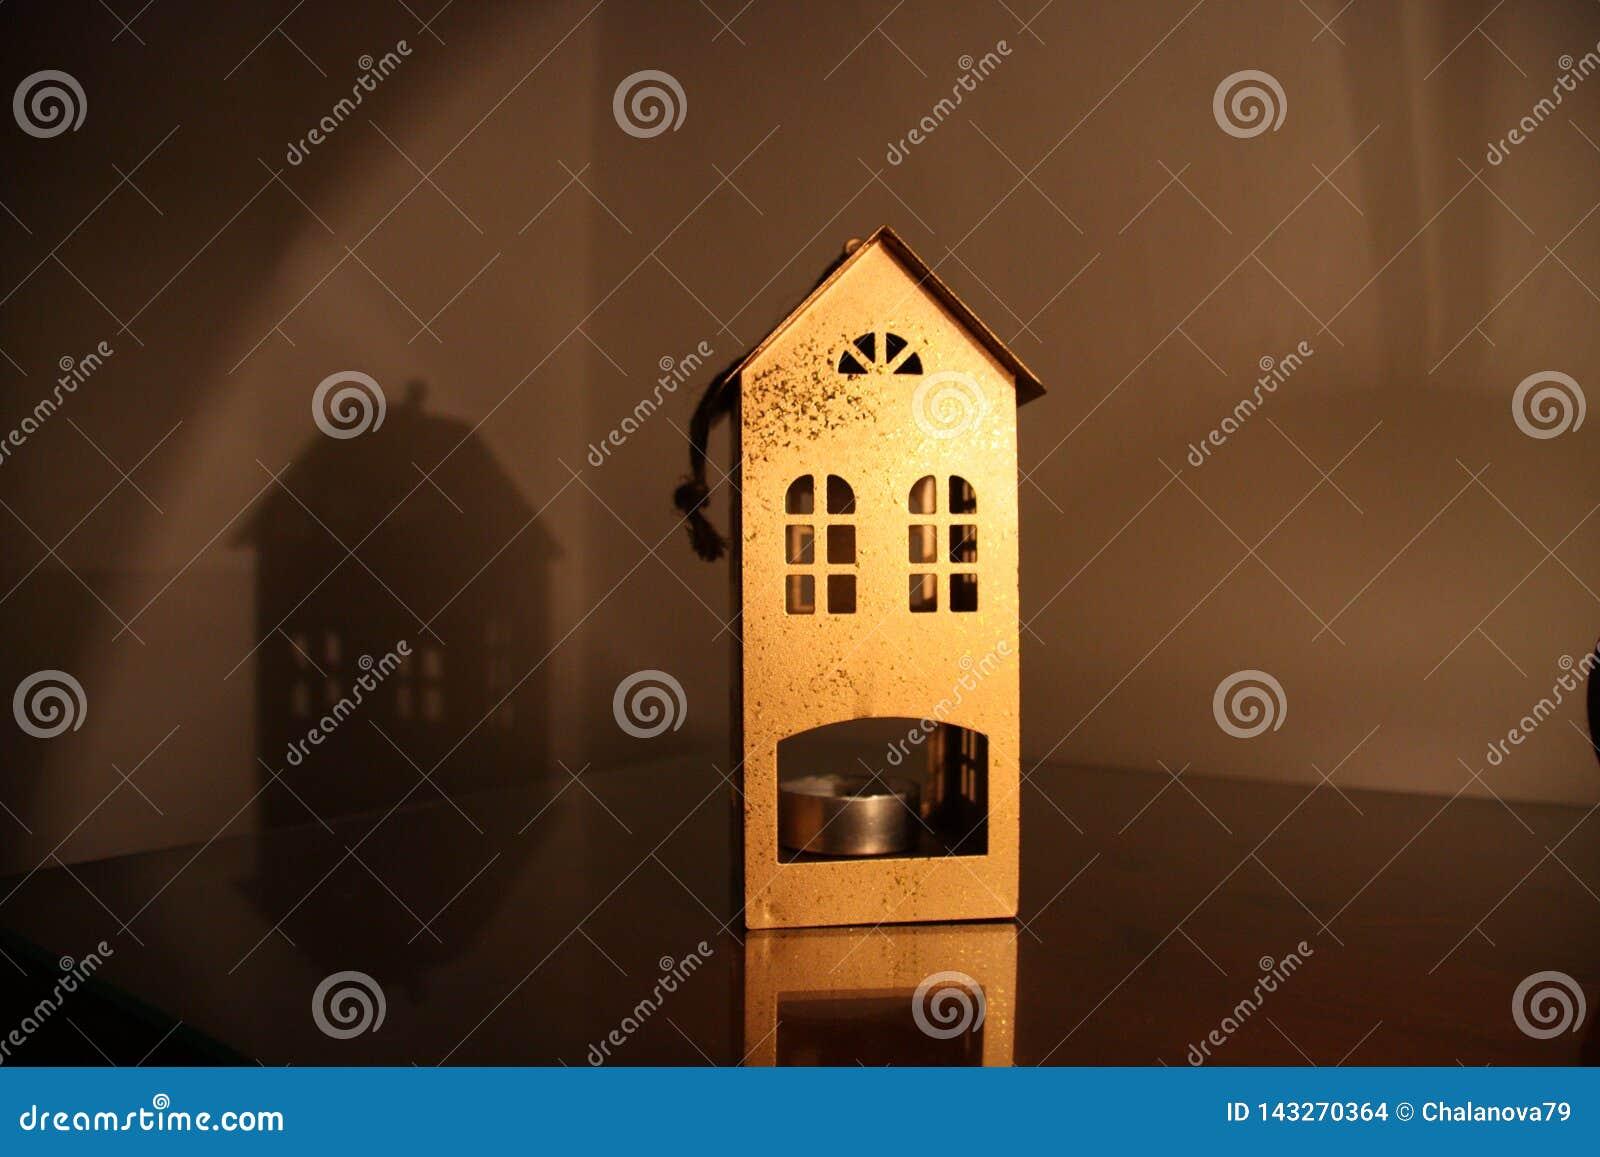 Kruszcowy candlestick w postaci domu na stole w ciemnym wieczór z lampy światłem